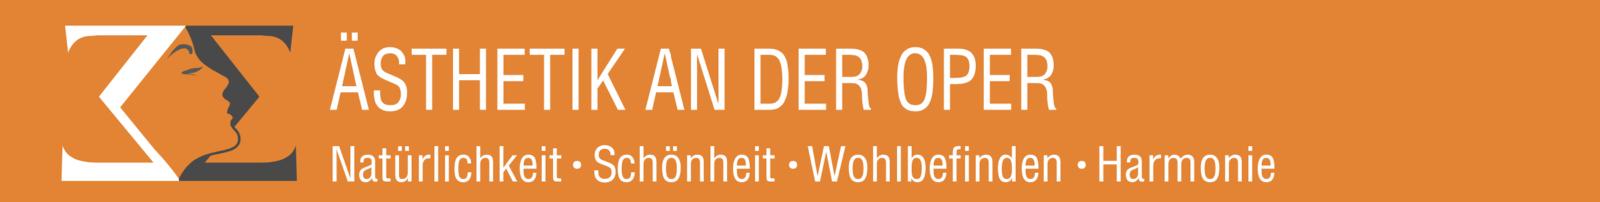 Aesthetik-an-der-Oper